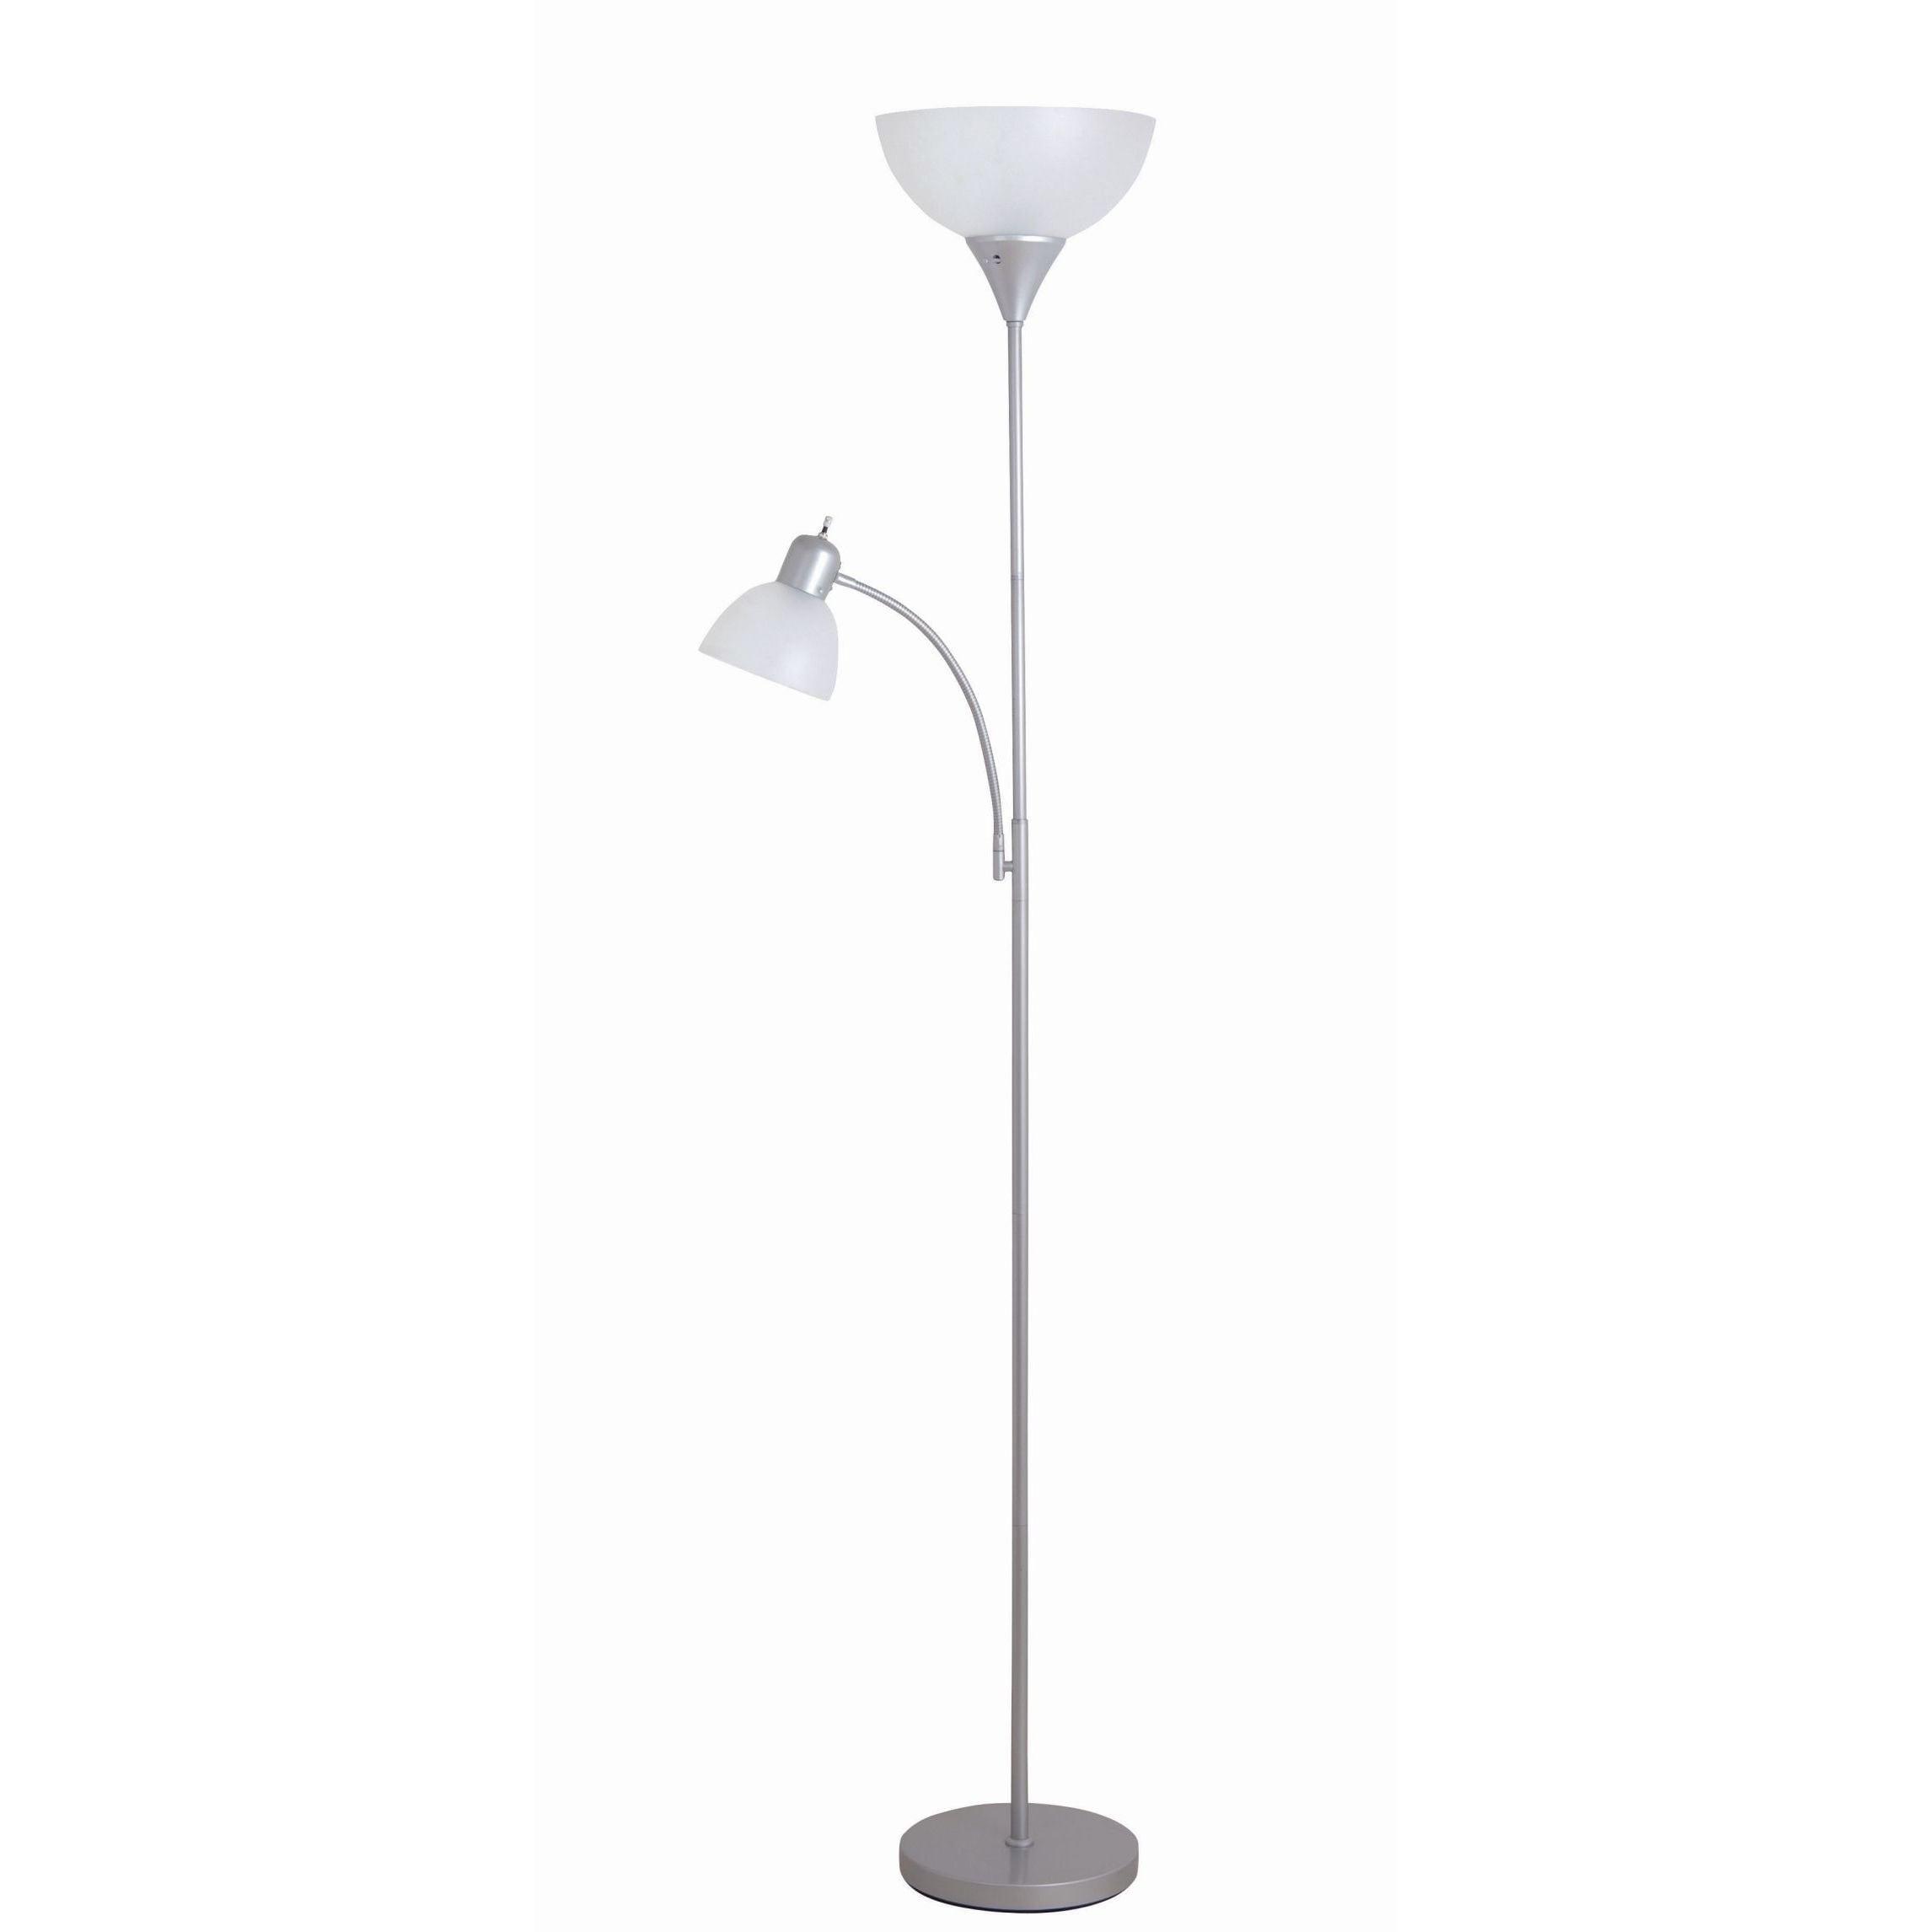 Porch & Den Roosevelt Row McKinley 71.65-inch Silver Torchiere Floor Lamp